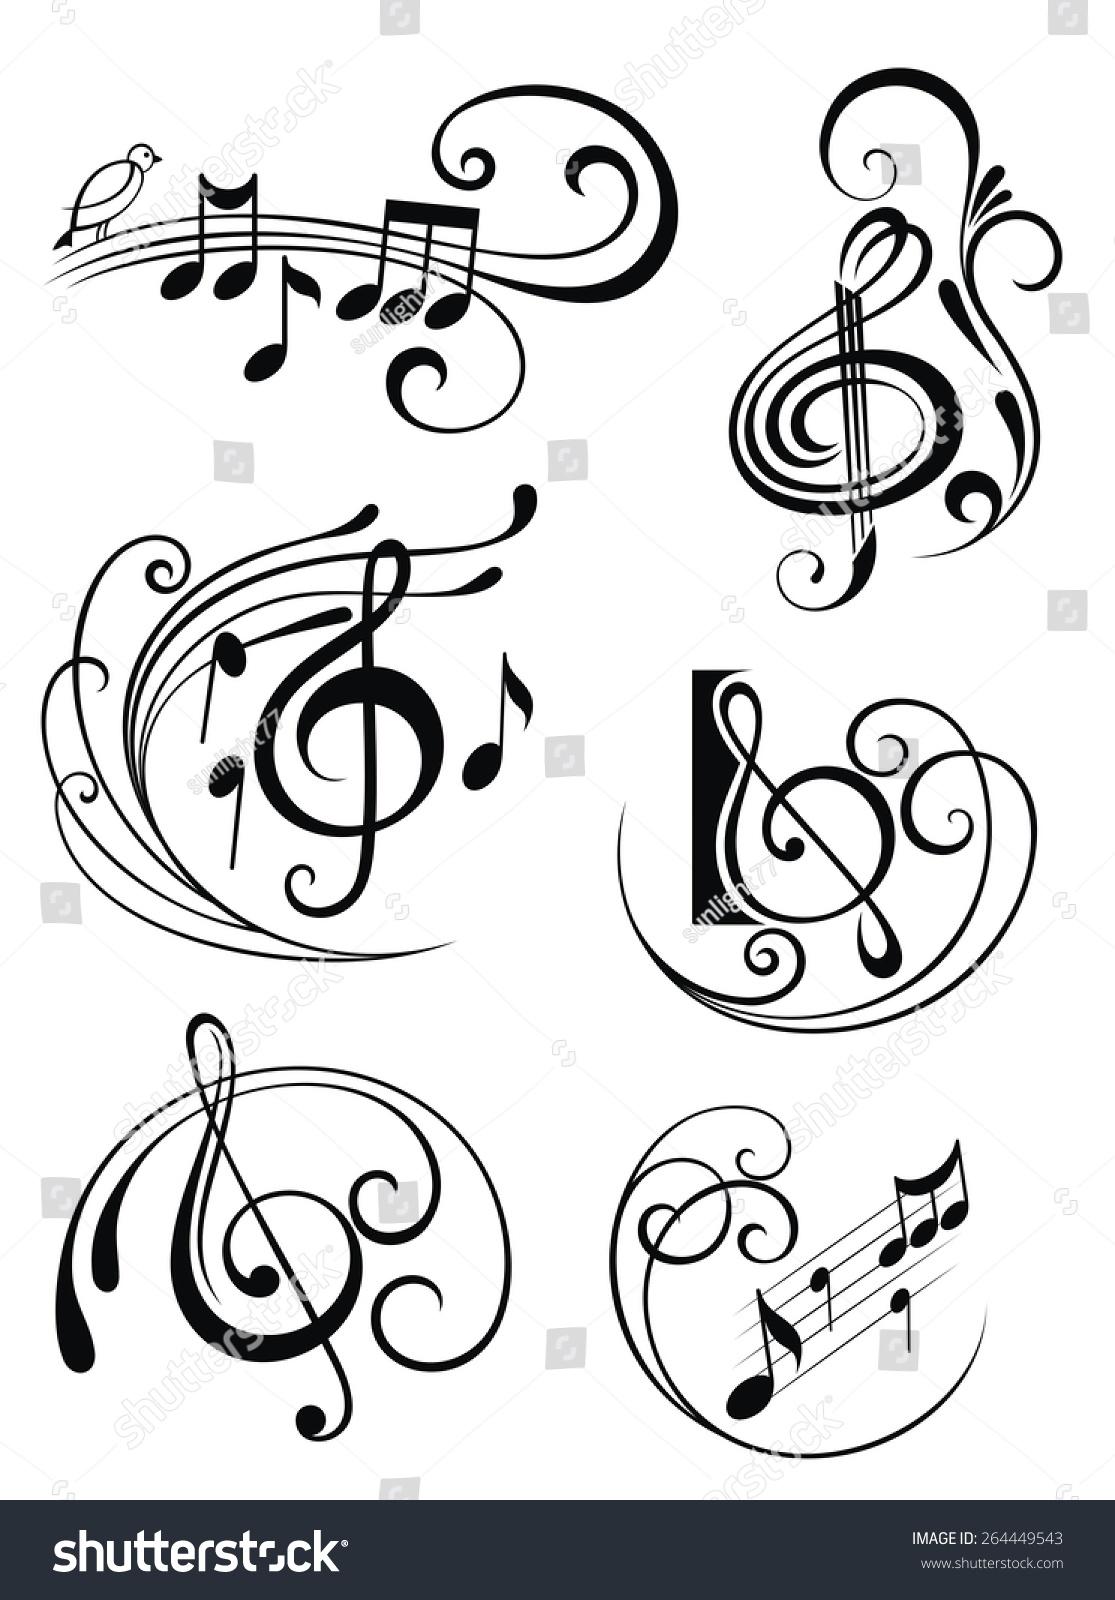 手绘简单标志个性